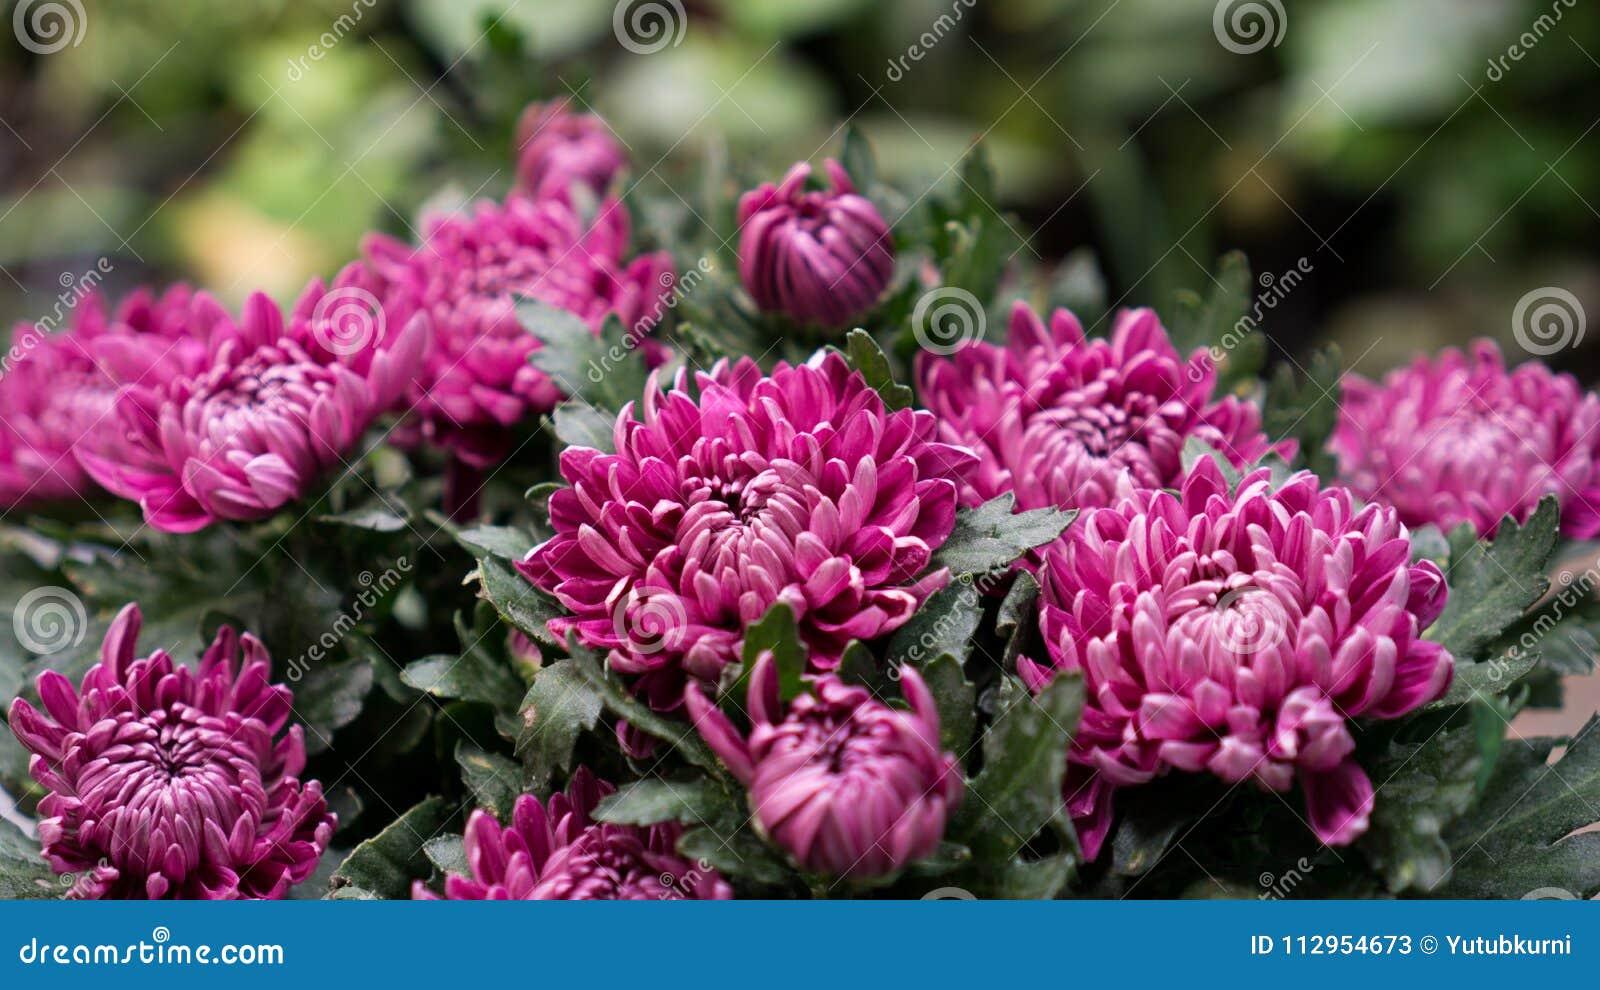 Pink Chrysanthemum Flower In Bloom Stock Image Image Of Flowering